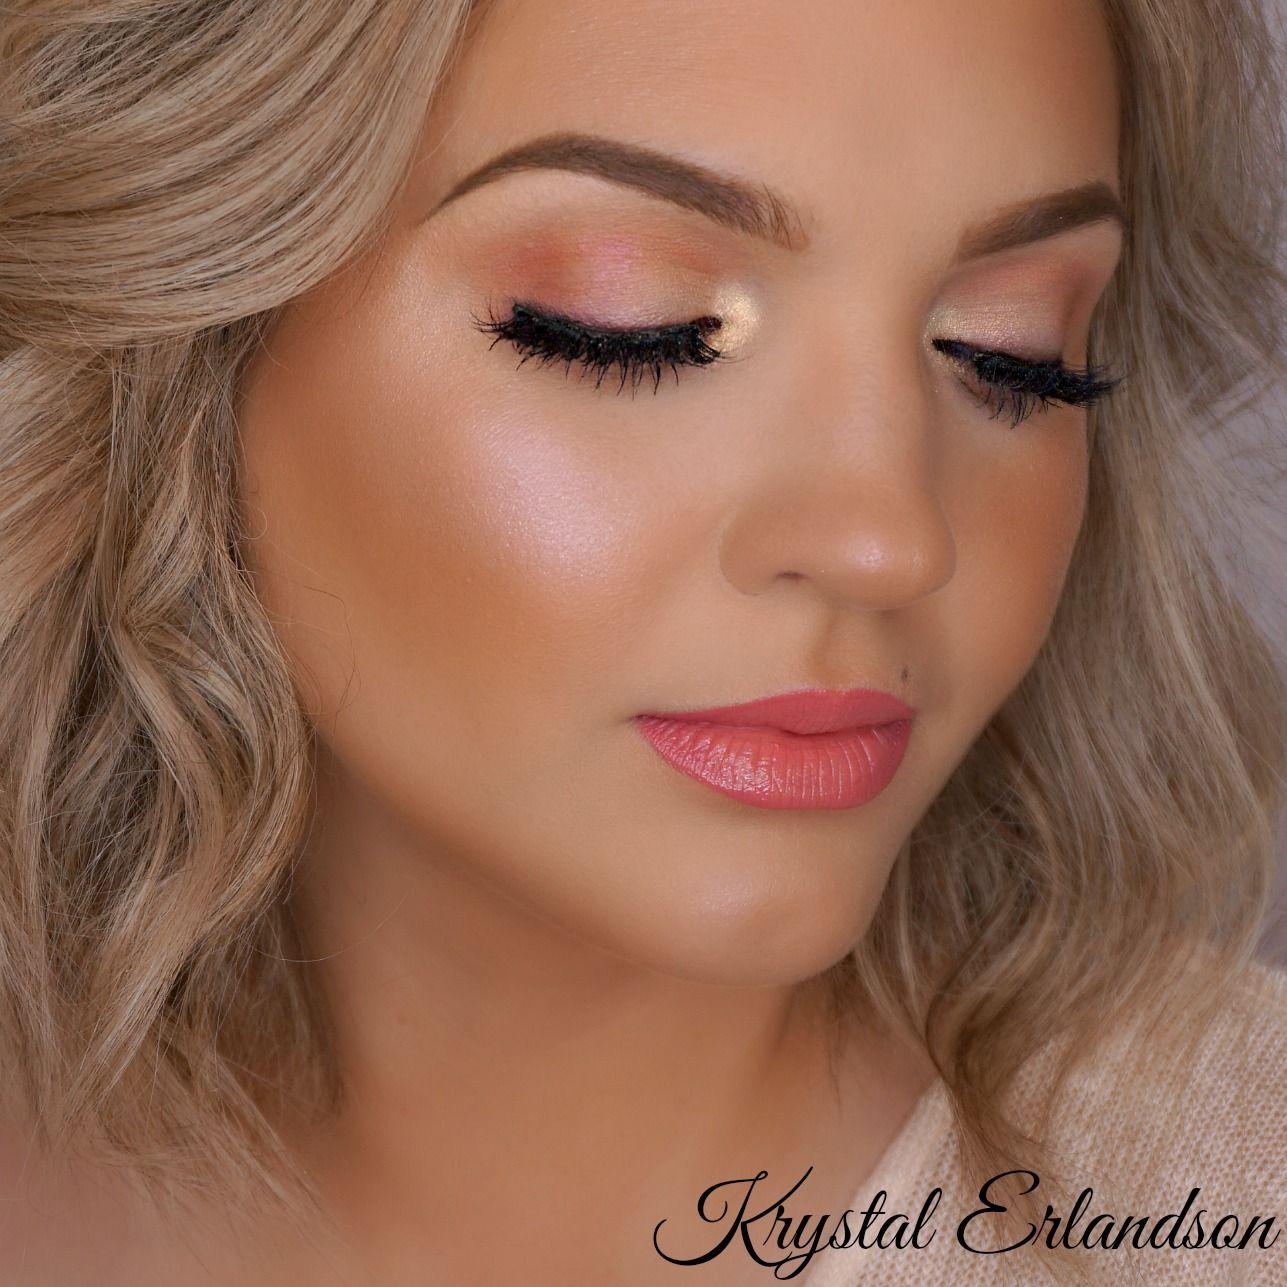 Soft peach makeup tutorial makeup geek krystal erlandson soft peach makeup tutorial makeup geek baditri Gallery